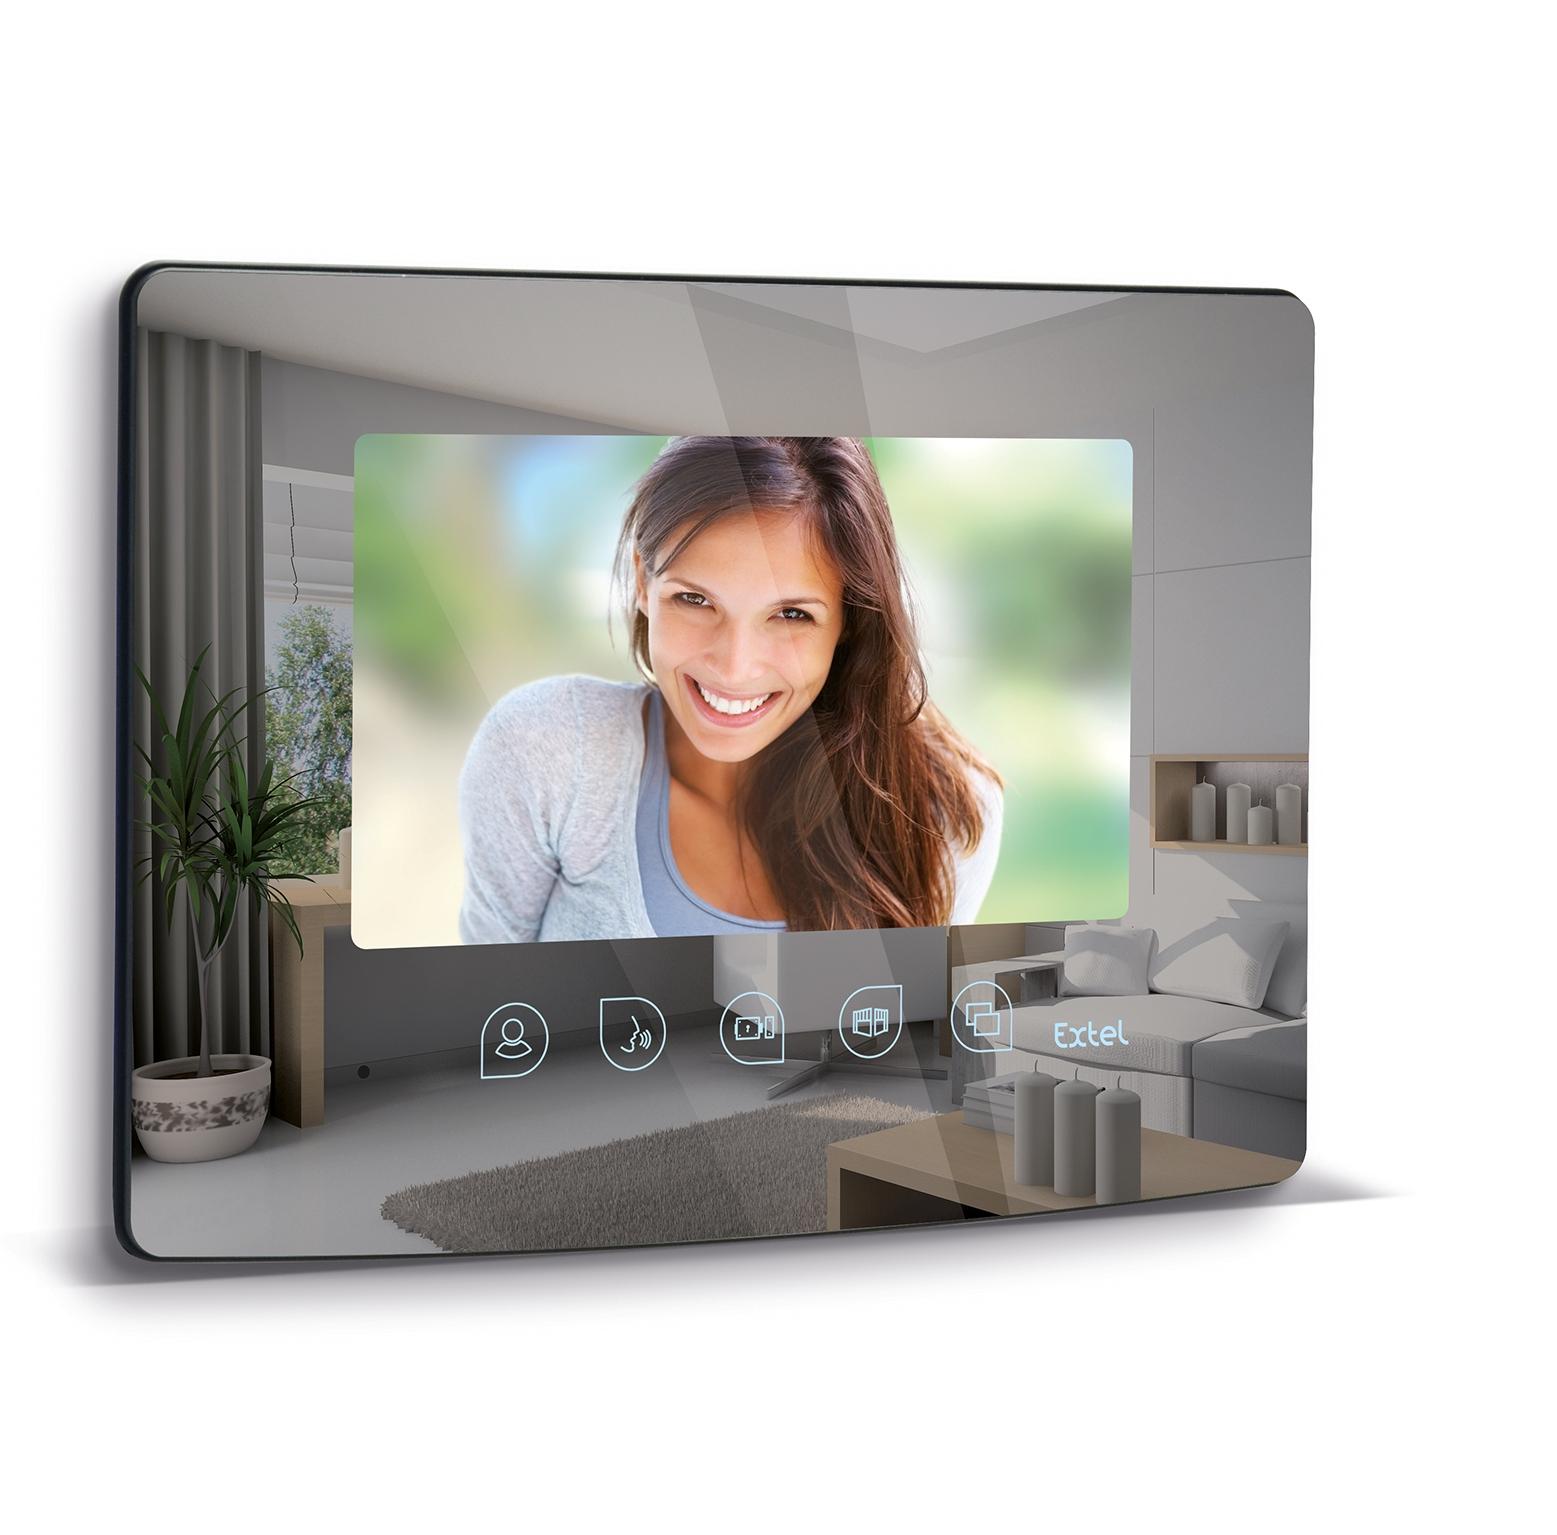 Visiophone Extel 11cm couleur noir Lena 11.3 EX720211 Visiophone Extel